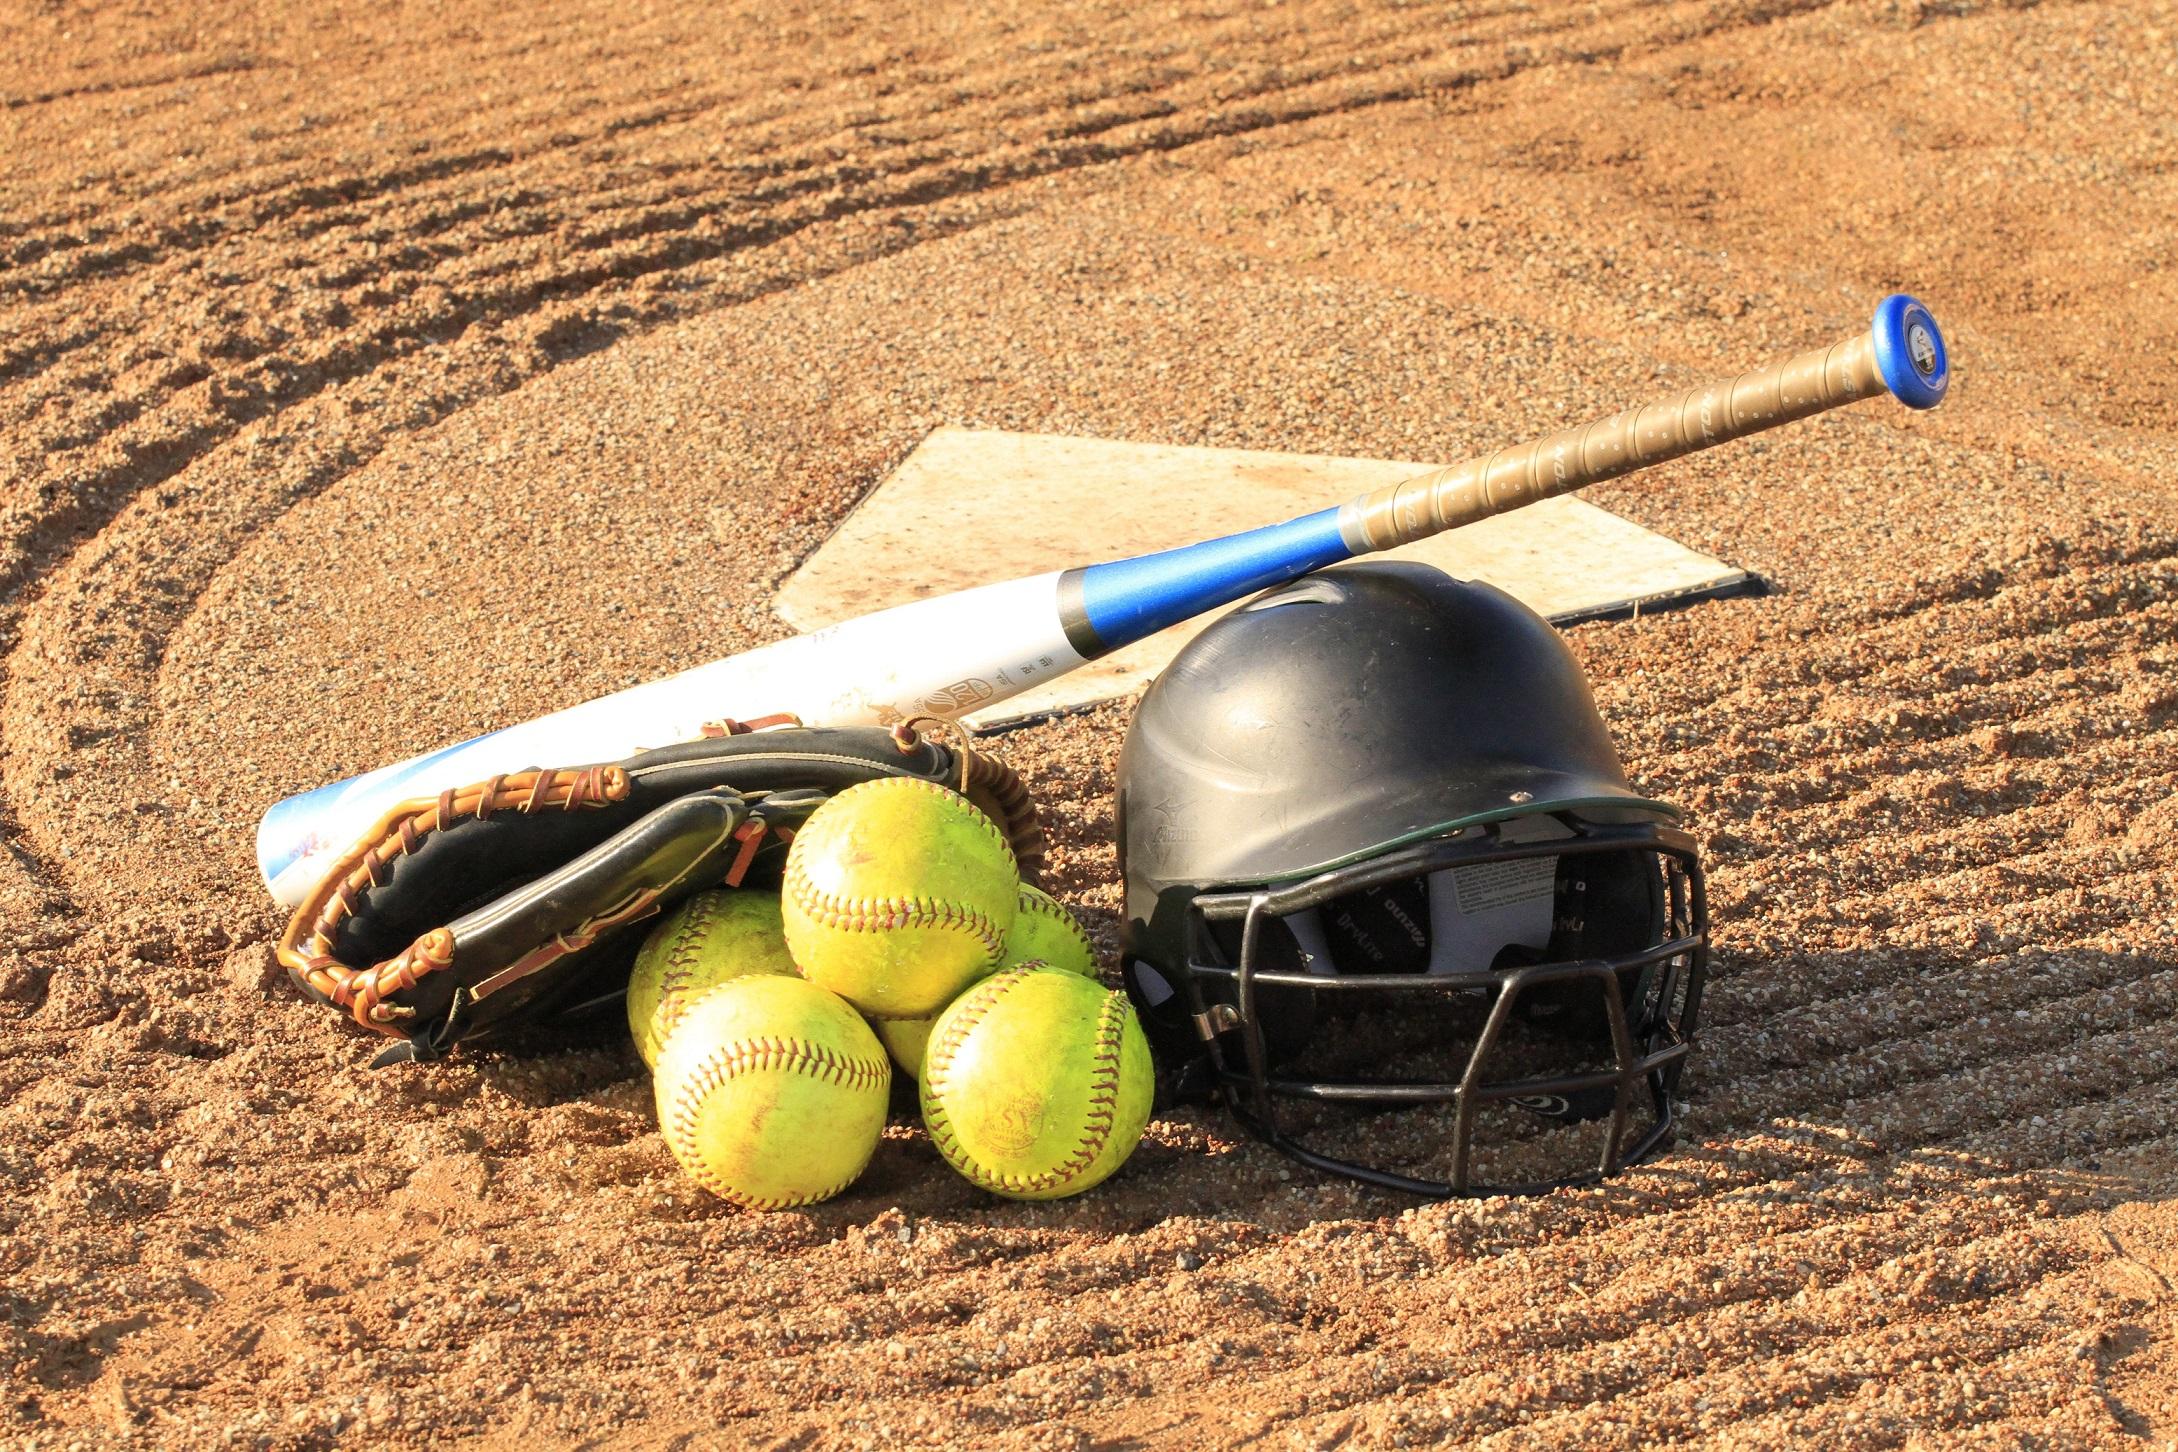 balls-baseball-bat-baseball-glove-257970.jpg